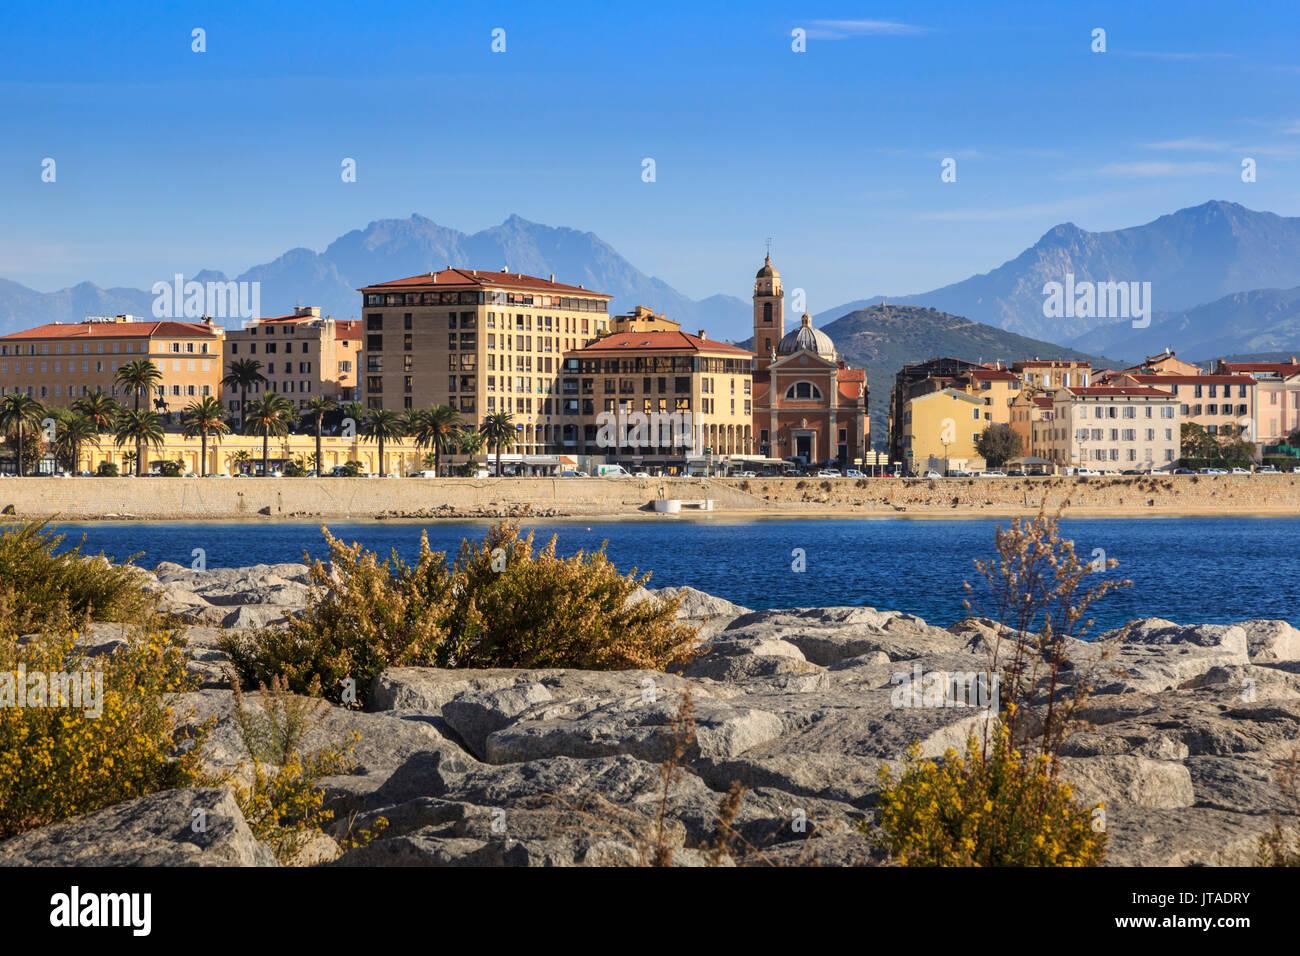 Cattedrale, città e montagne nebuloso, dalle sue rocciose Waterfront, Ajaccio, Isola di Corsica, Mediterraneo, Francia, Mediterraneo, Europa Immagini Stock